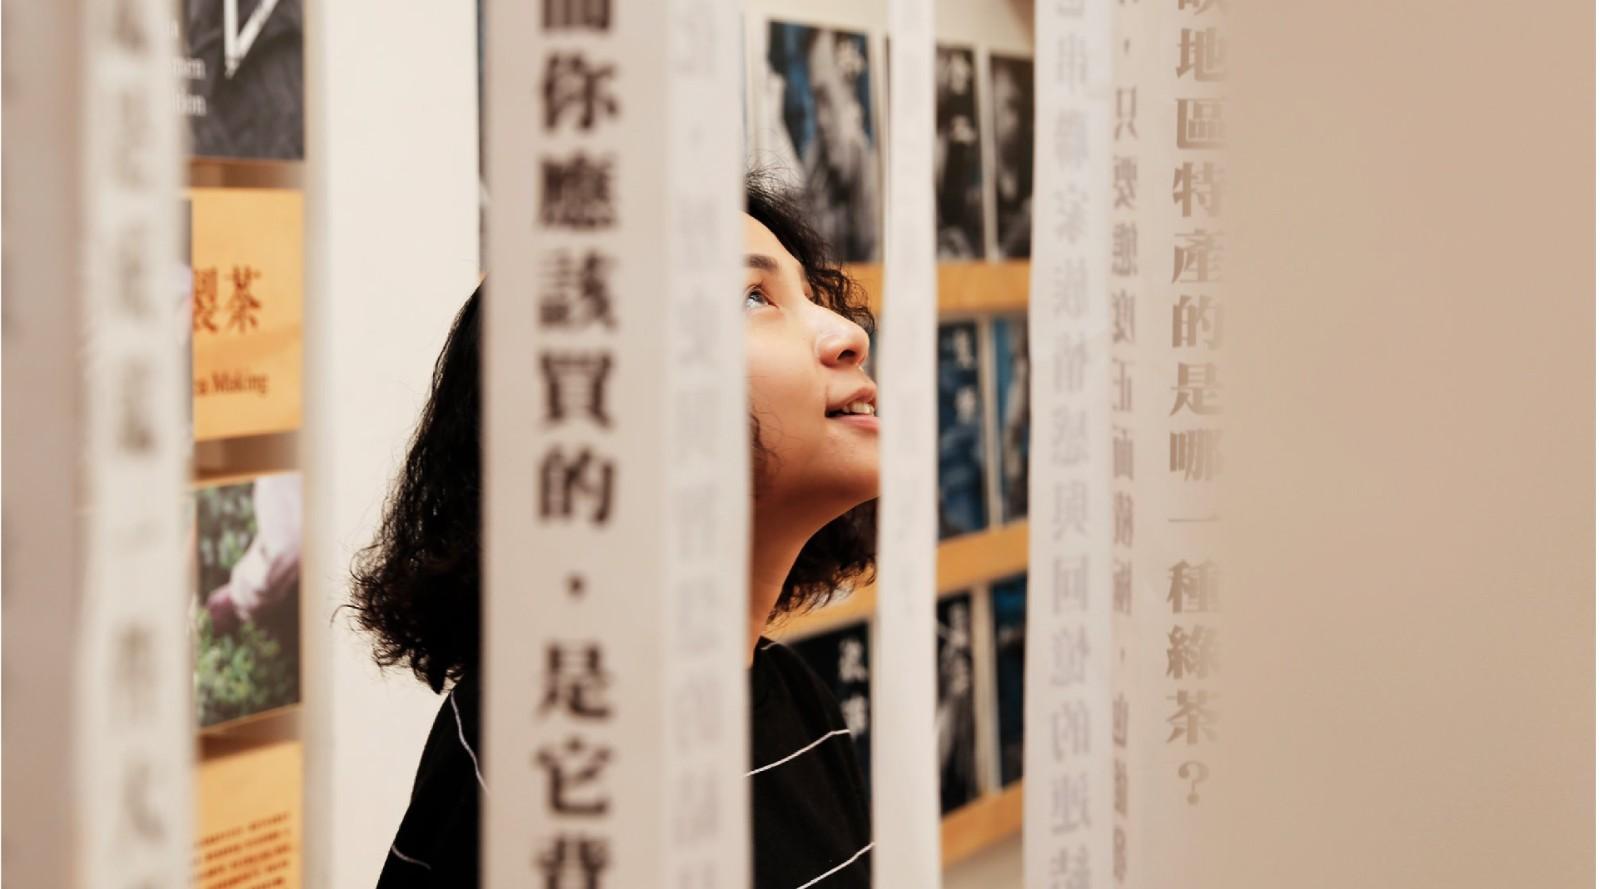 由職人厚實操練的掌心,揉和出串連大街小巷的手作聚落    甘樂文創串聯三峽在地30位的工藝職人,講述屬於他們的故事,展覽中可以一覽工藝品製作流程以及職人們的珍藏選物,並且仔細欣賞工藝作品所帶來的溫暖手藝與匠藝精神,並且沿著發展脈絡回顧三峽工藝文化的歷史足跡,最後跟著職人地圖依依拜訪,穿梭三峽巷的大街小巷! | 甘樂文創 | 甘之如飴,樂在其中